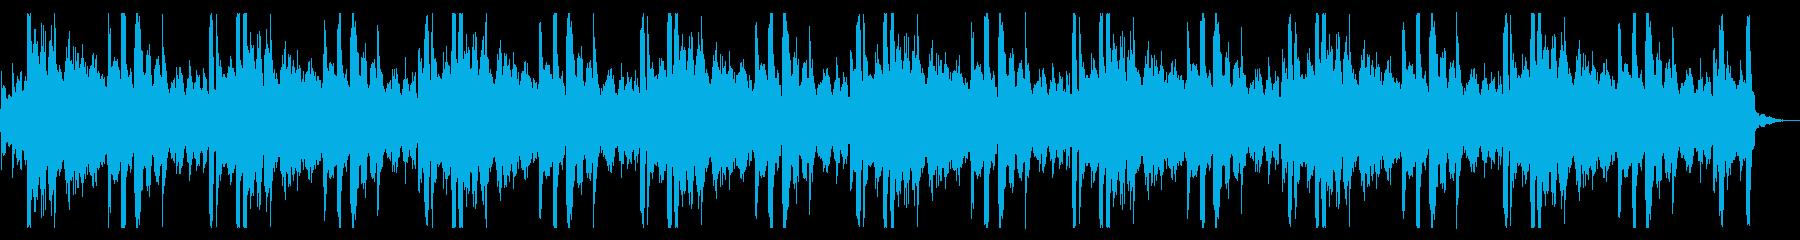 解放されるようなBGM_No631_4の再生済みの波形